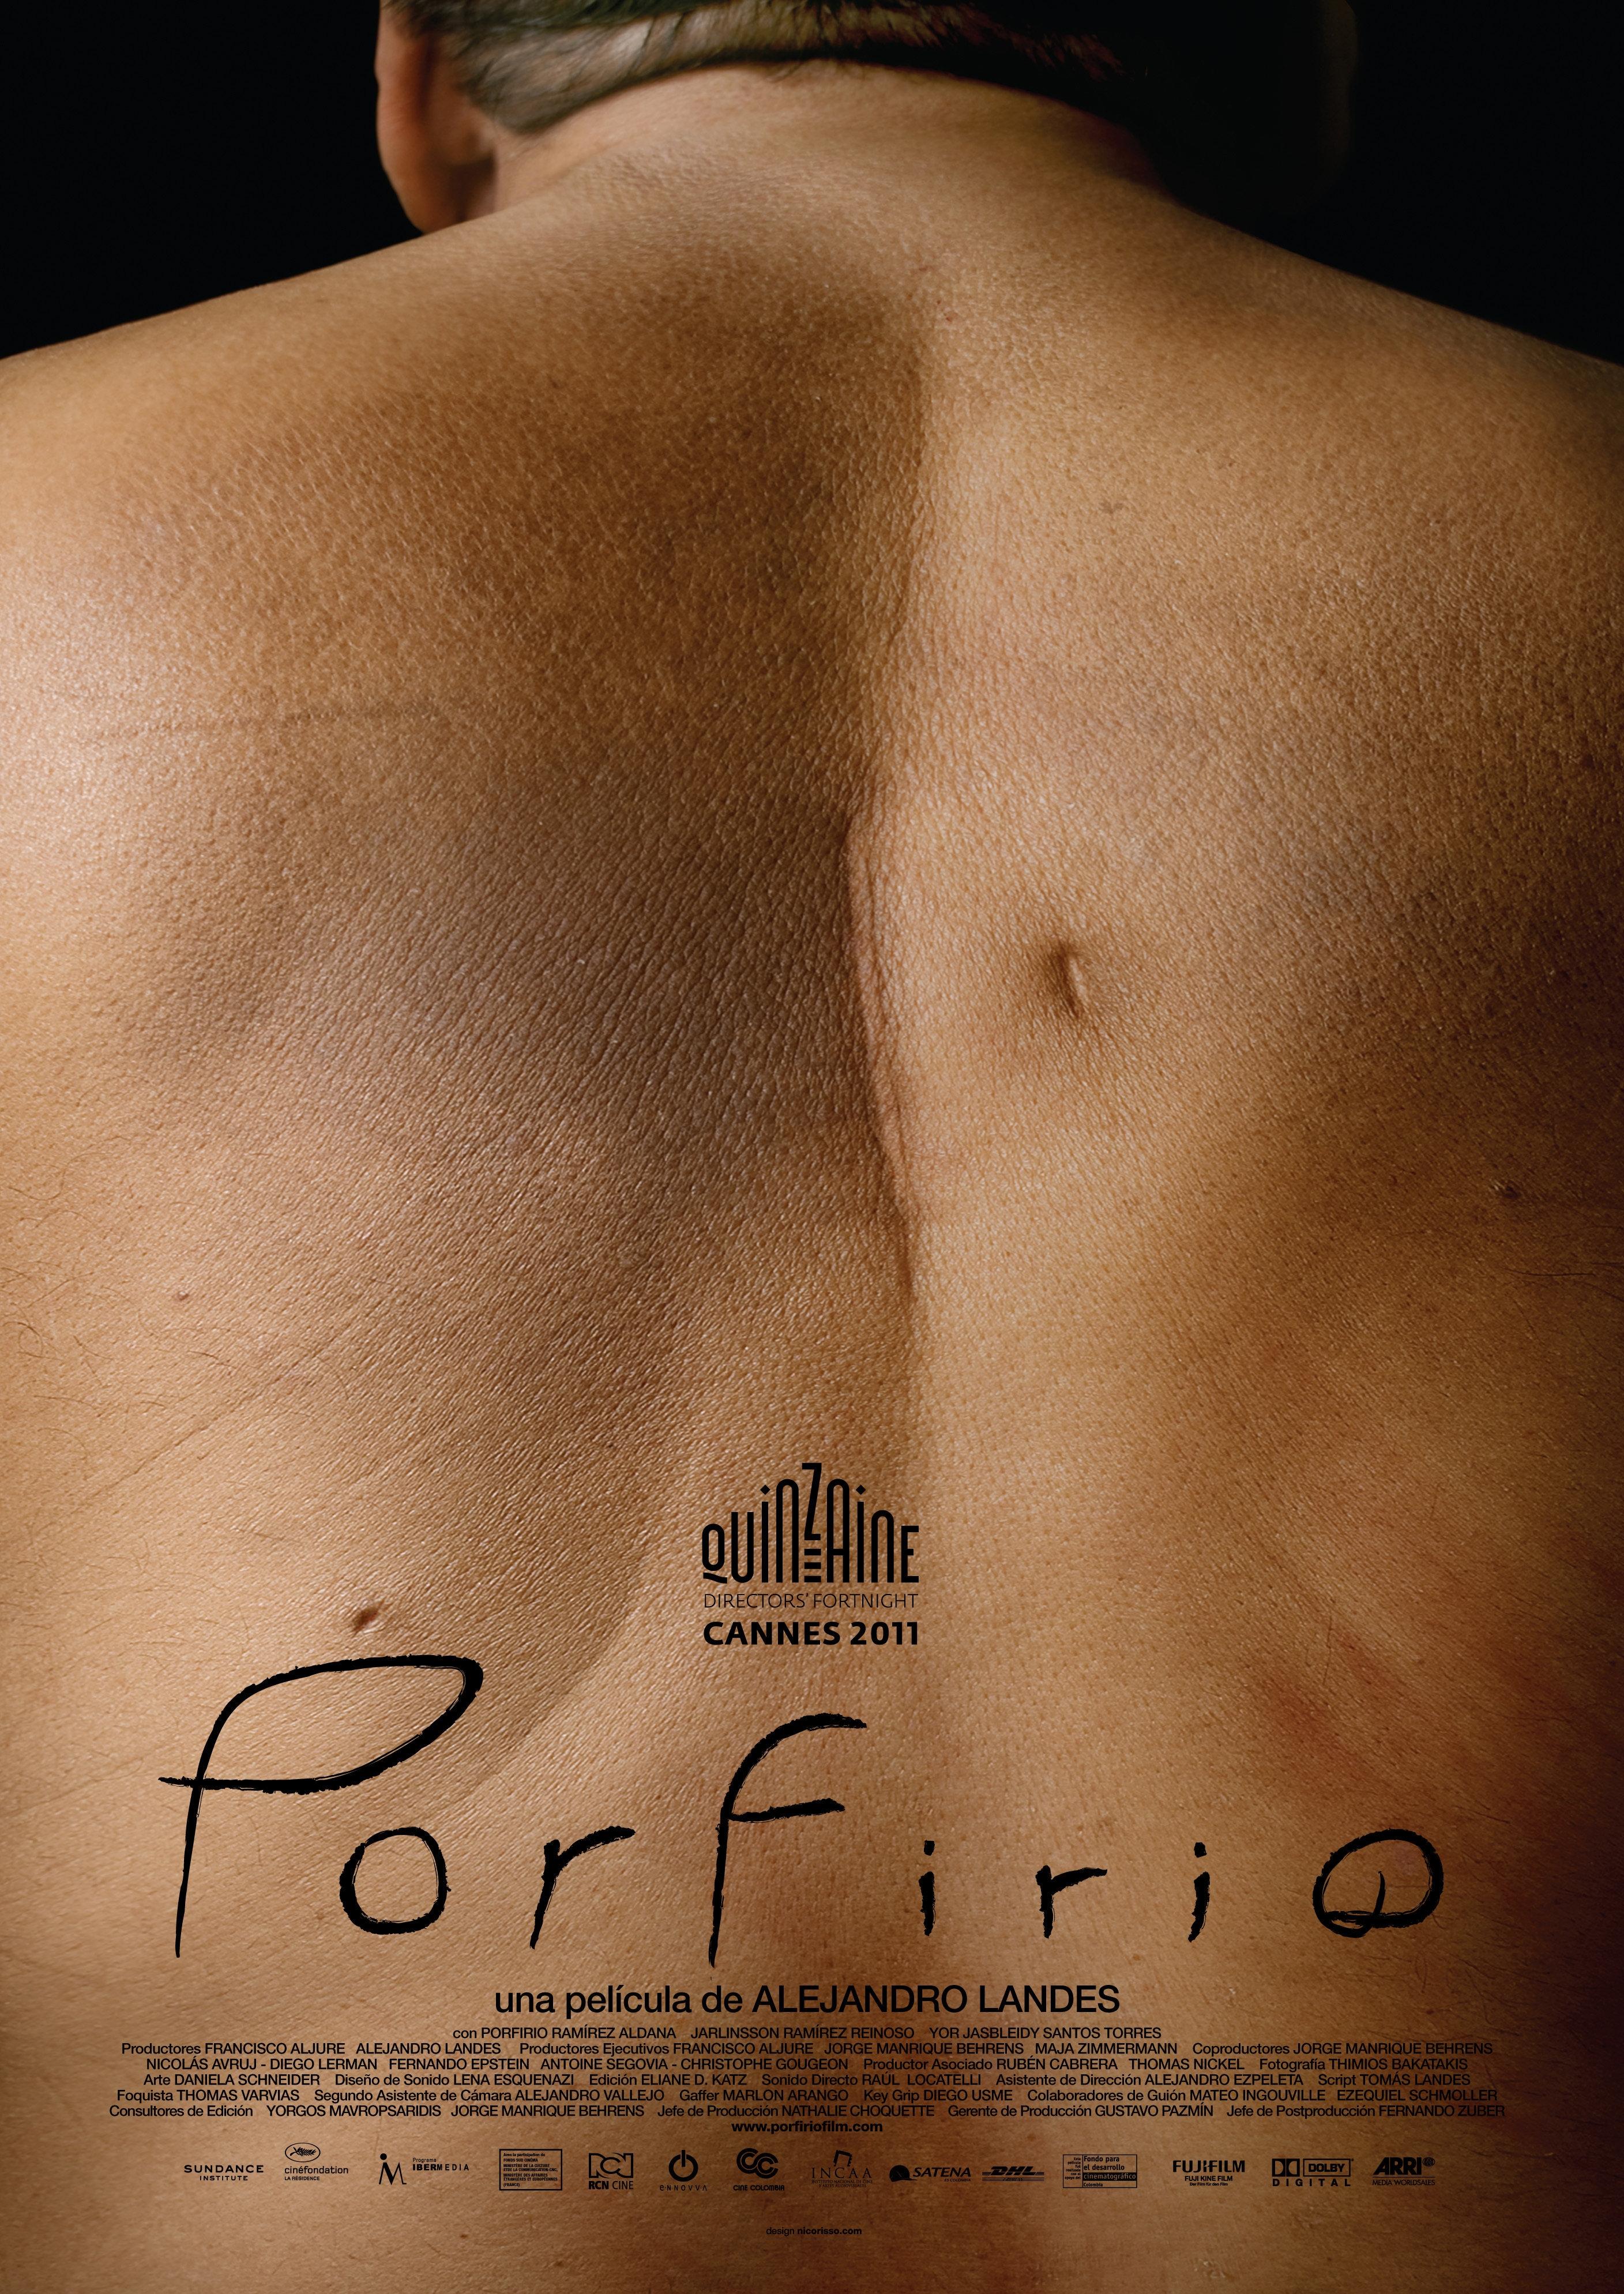 La locandina di Porfirio